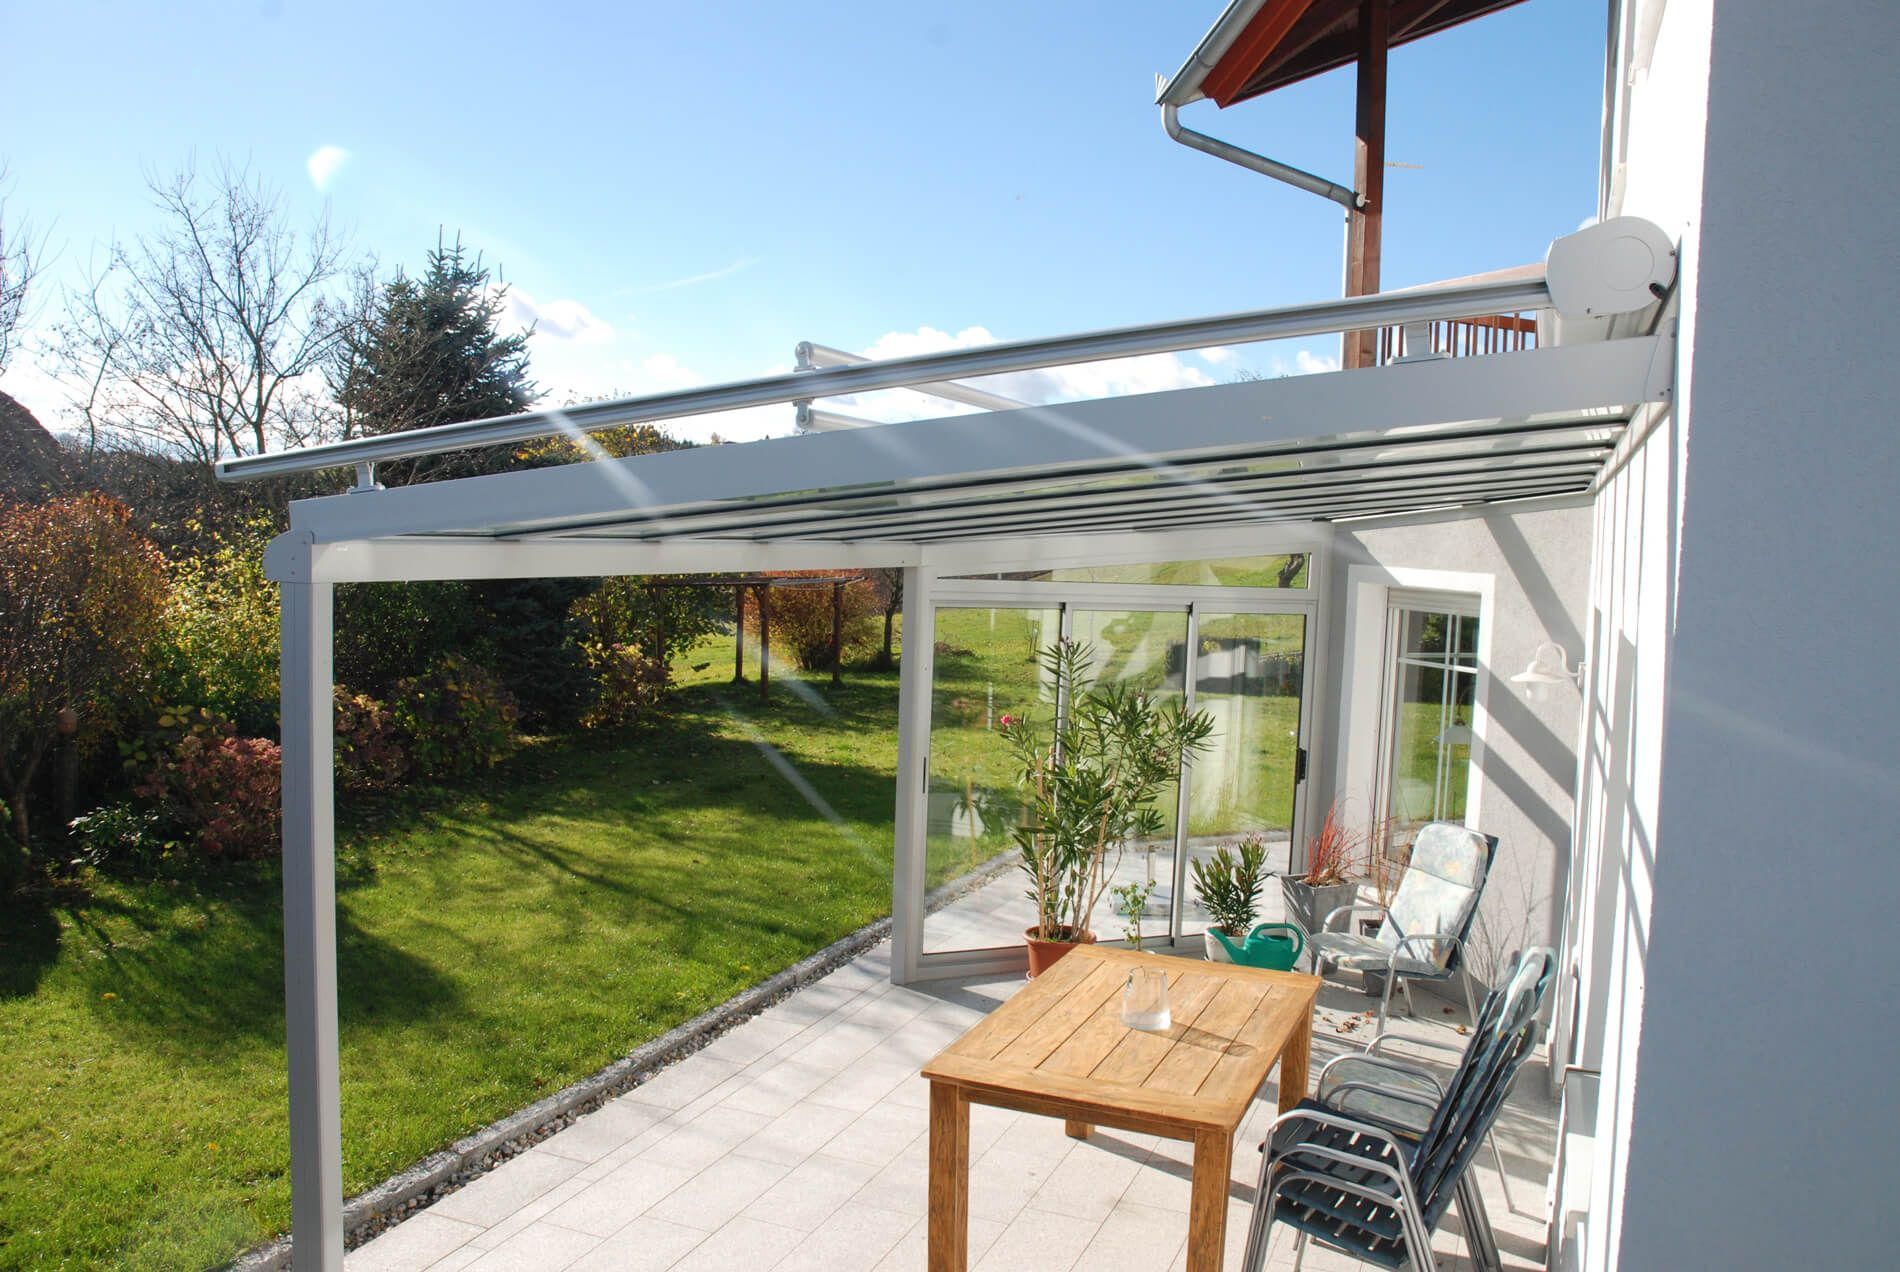 Terrassenuberdachung Alu Glas ~ überdachung terrasse alu glas haloring